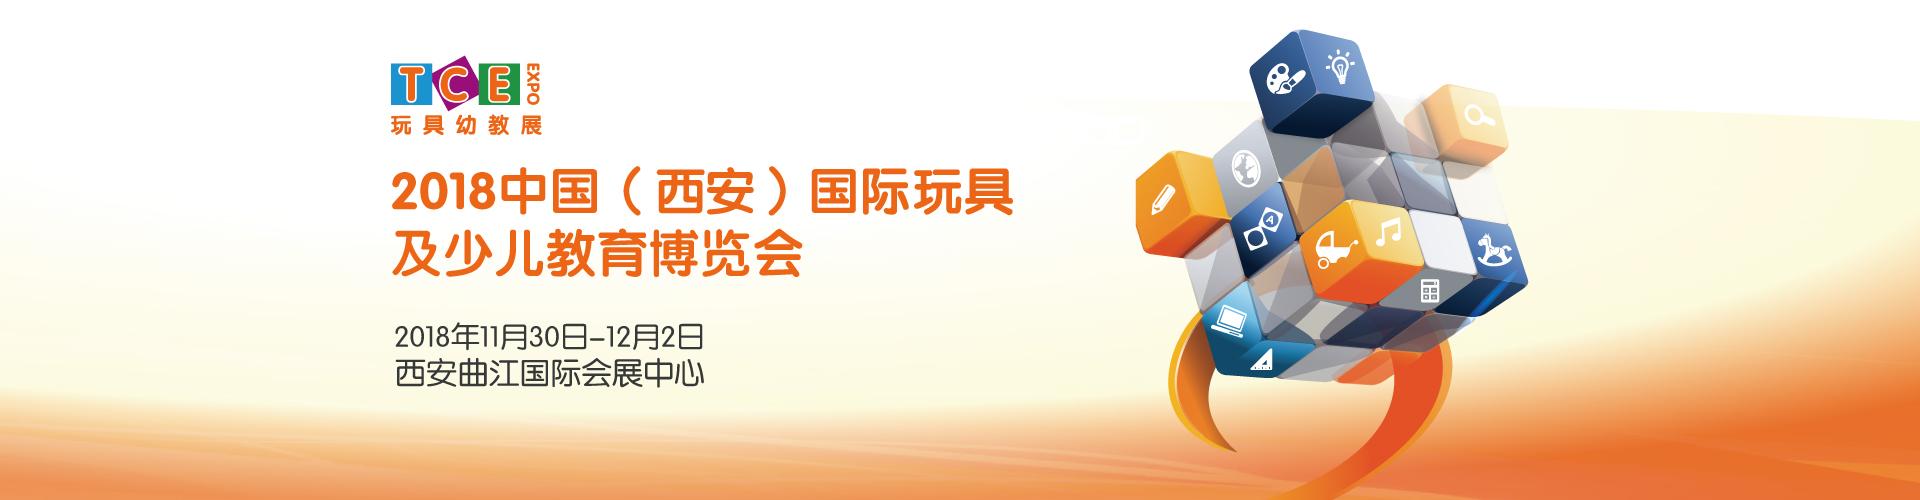 2018中国西安国际玩具及少儿教育博览会